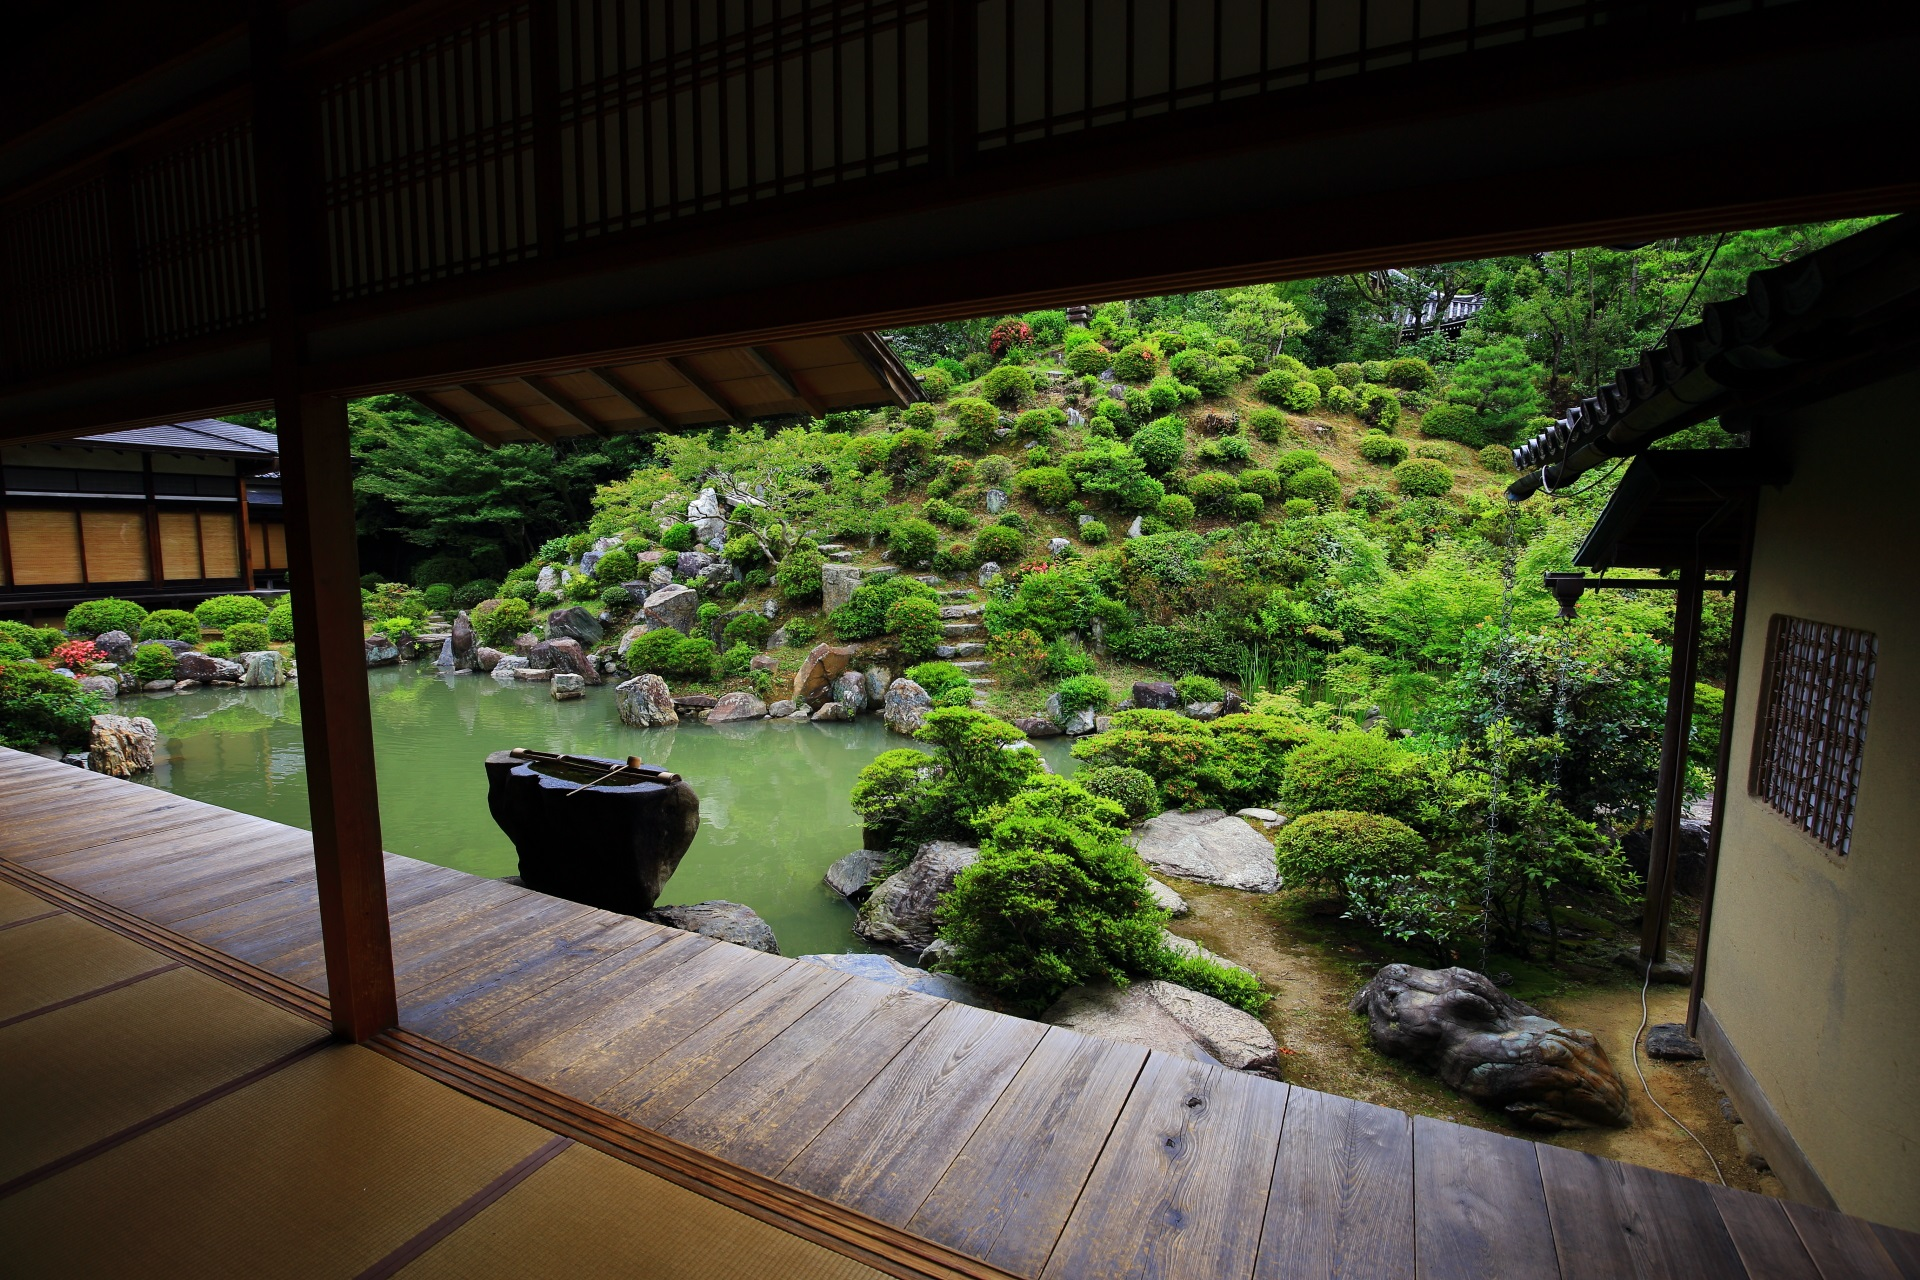 名勝庭園でしられる智積院(ちしゃくいん)